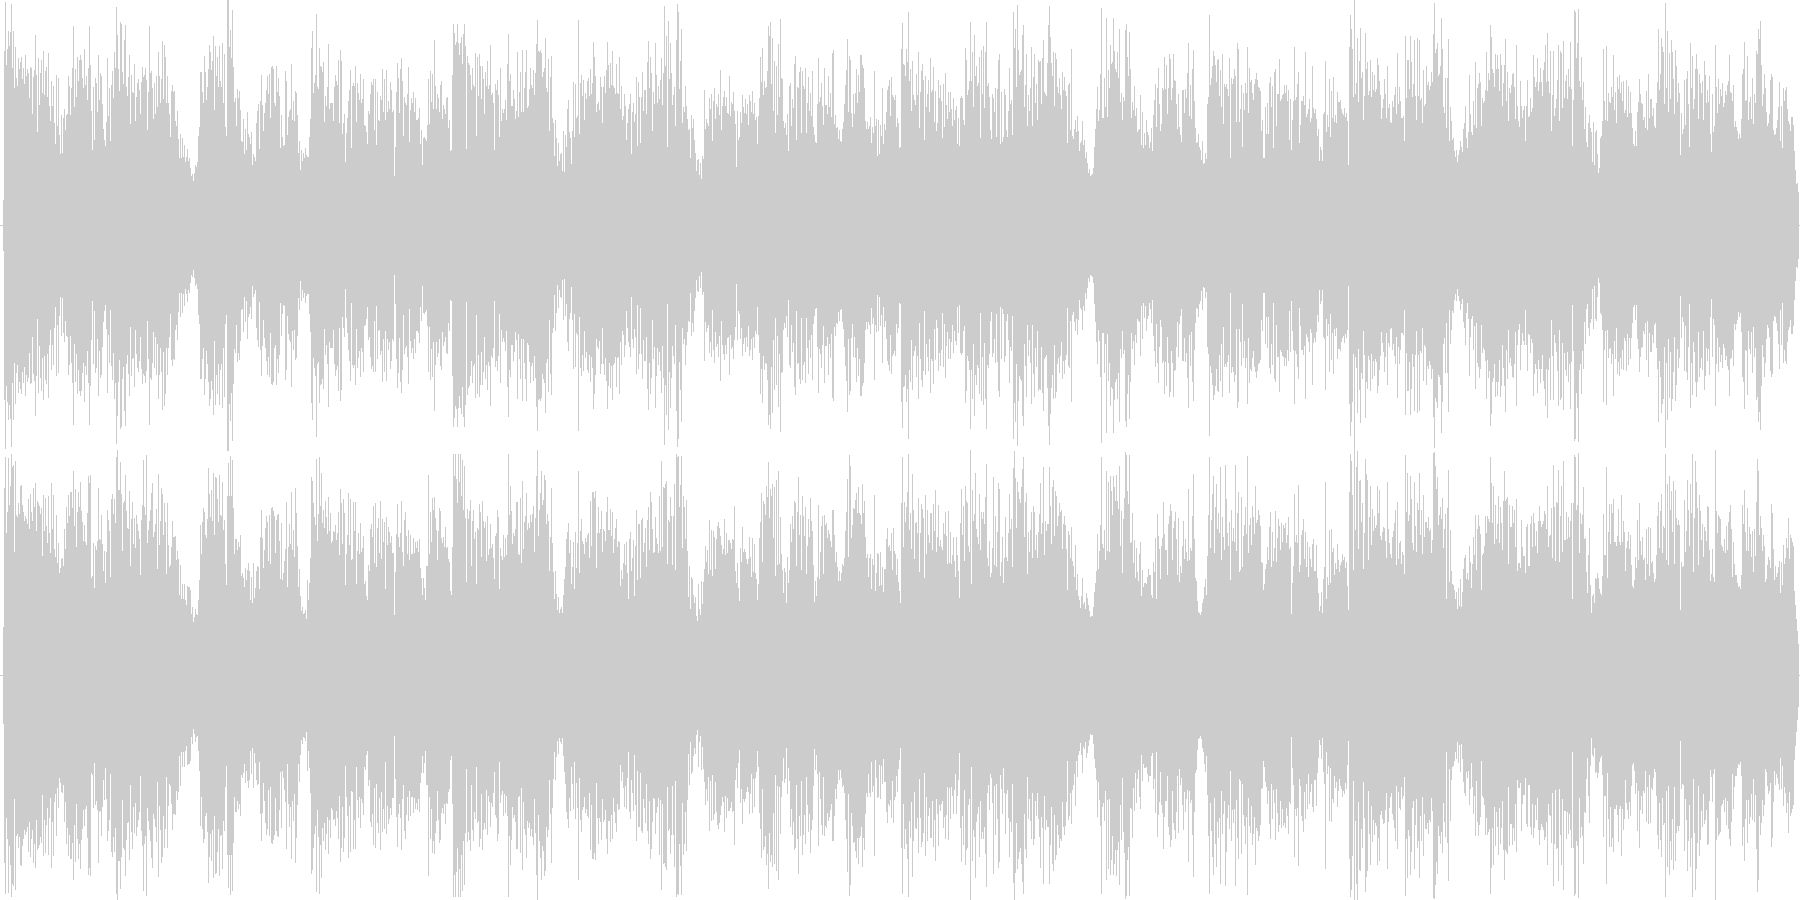 ドラムンベースを基本にした楽曲です。の未再生の波形